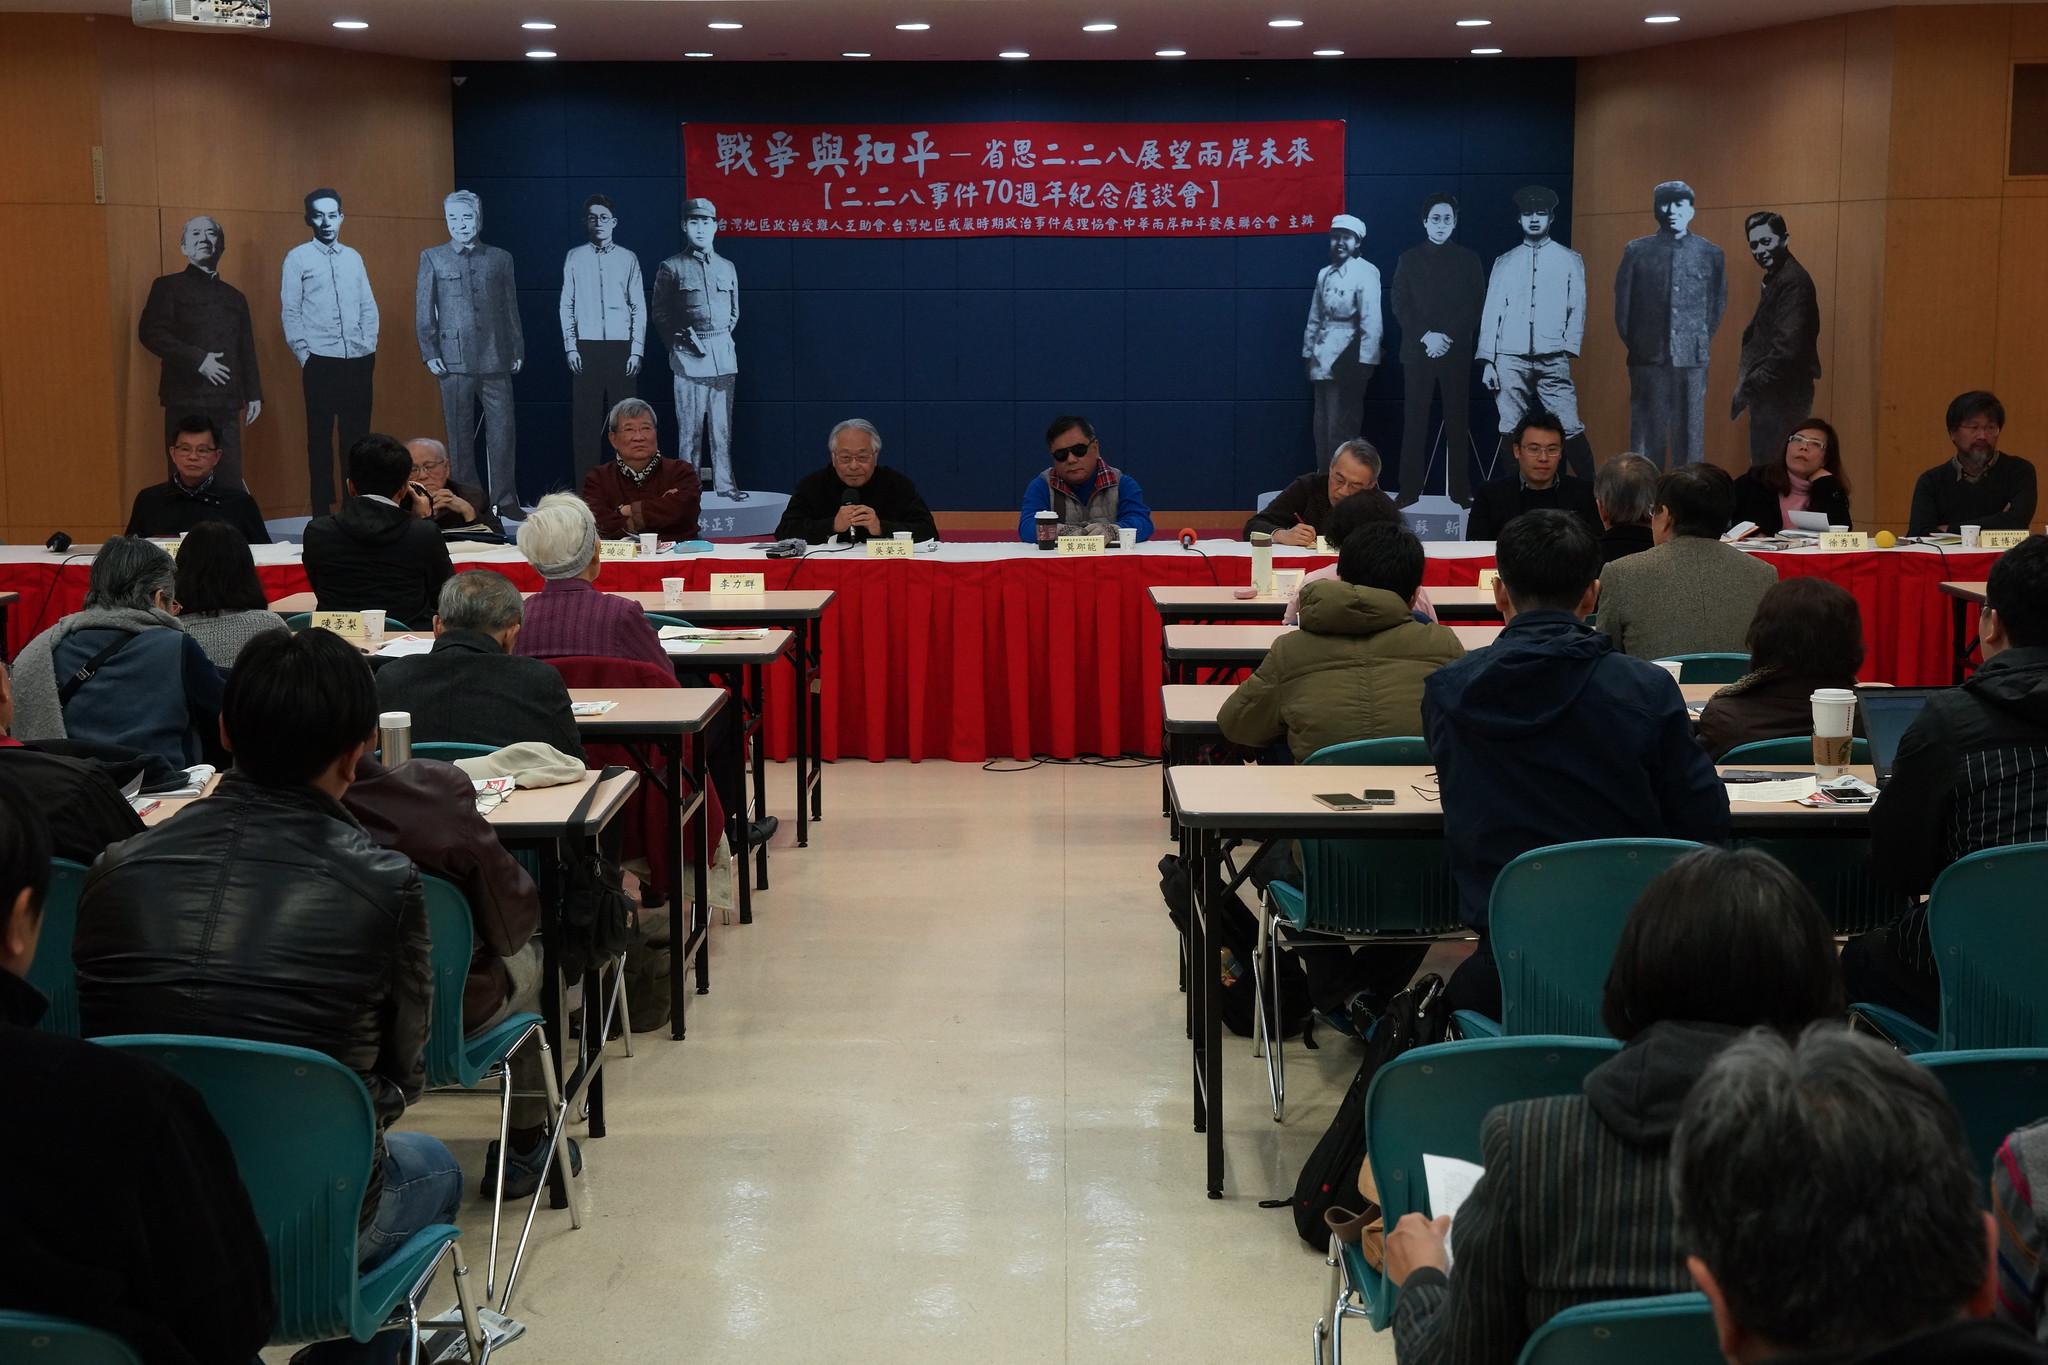 台灣地區政治受難人互助會、中華兩岸和平發展聯合會在二二八事件七十周年當天舉行座談。(攝影:王顥中)